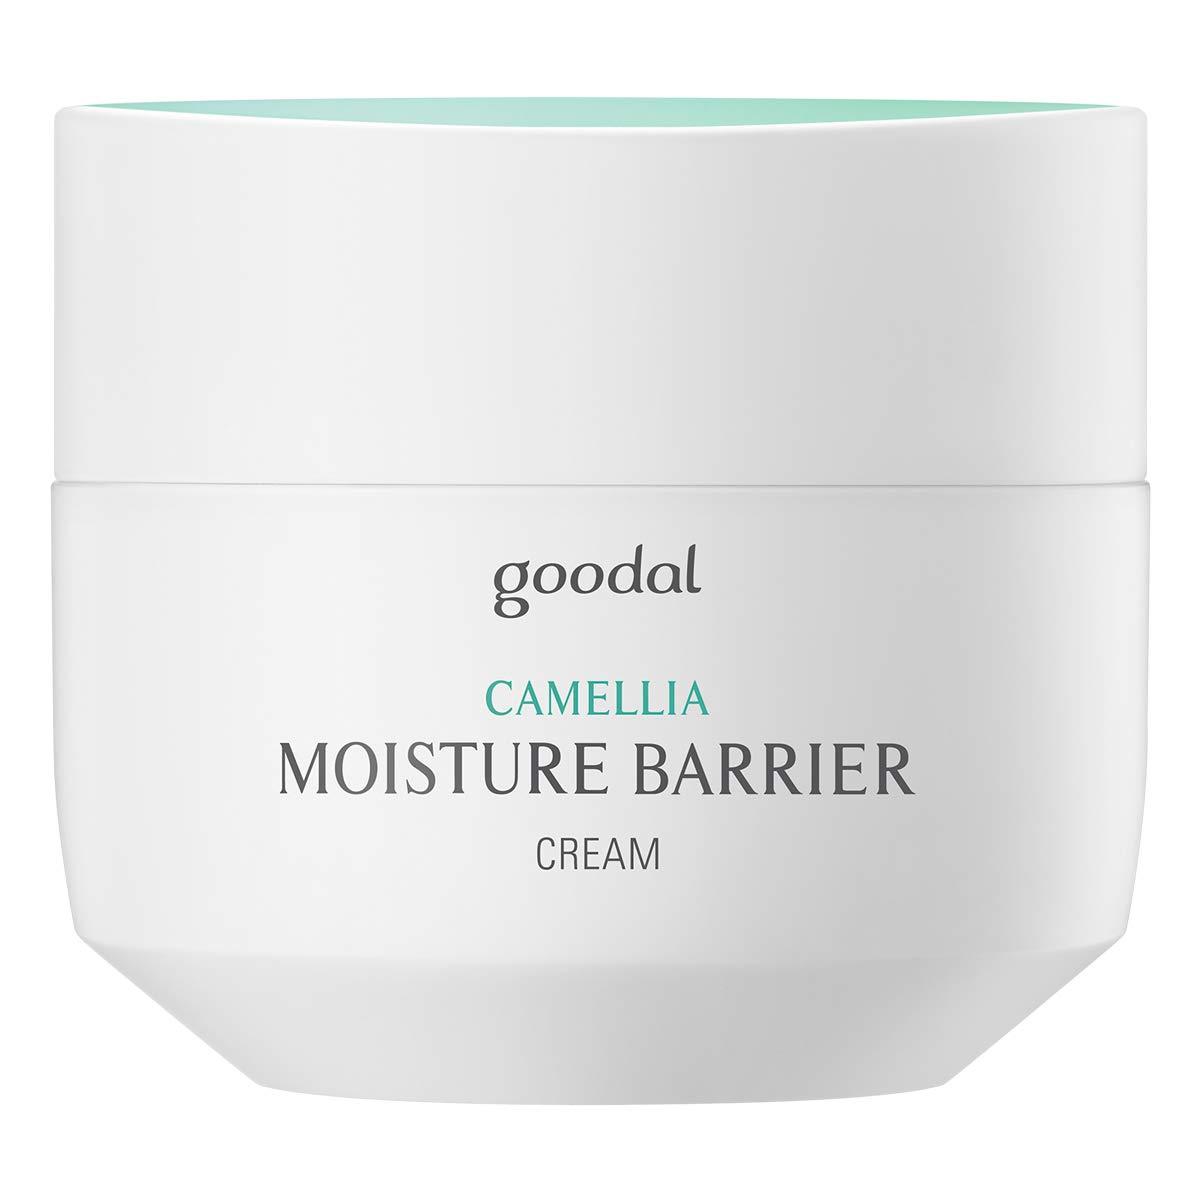 Goodal Camellia Moisture Barrier Cream 1.69 Ounce